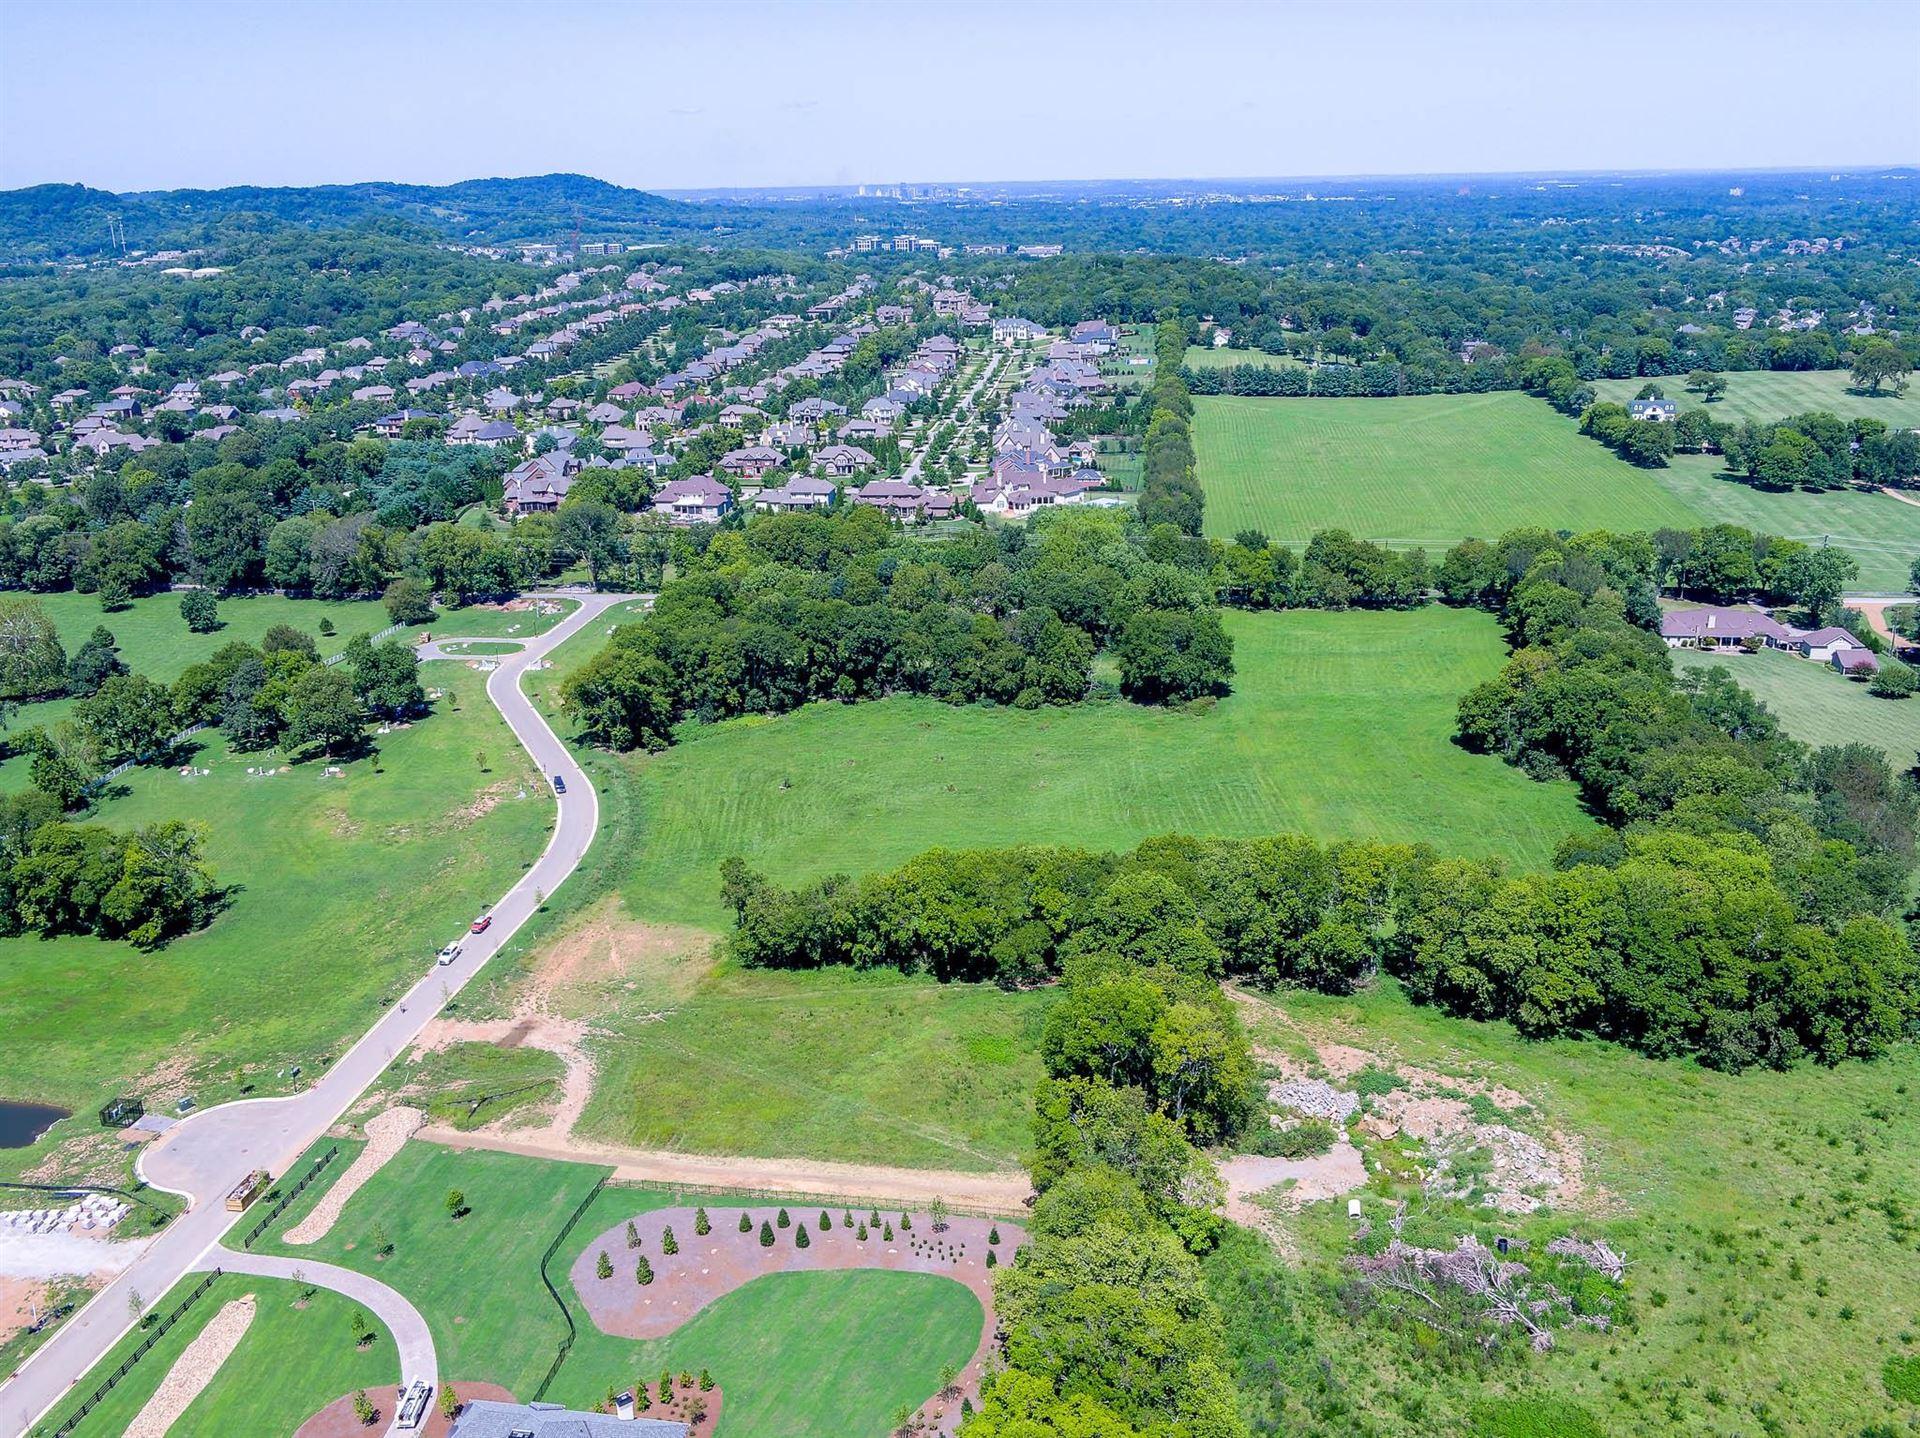 Photo of 502 Stella Vista Pvt Ct. Lot 5, Brentwood, TN 37027 (MLS # 2075925)